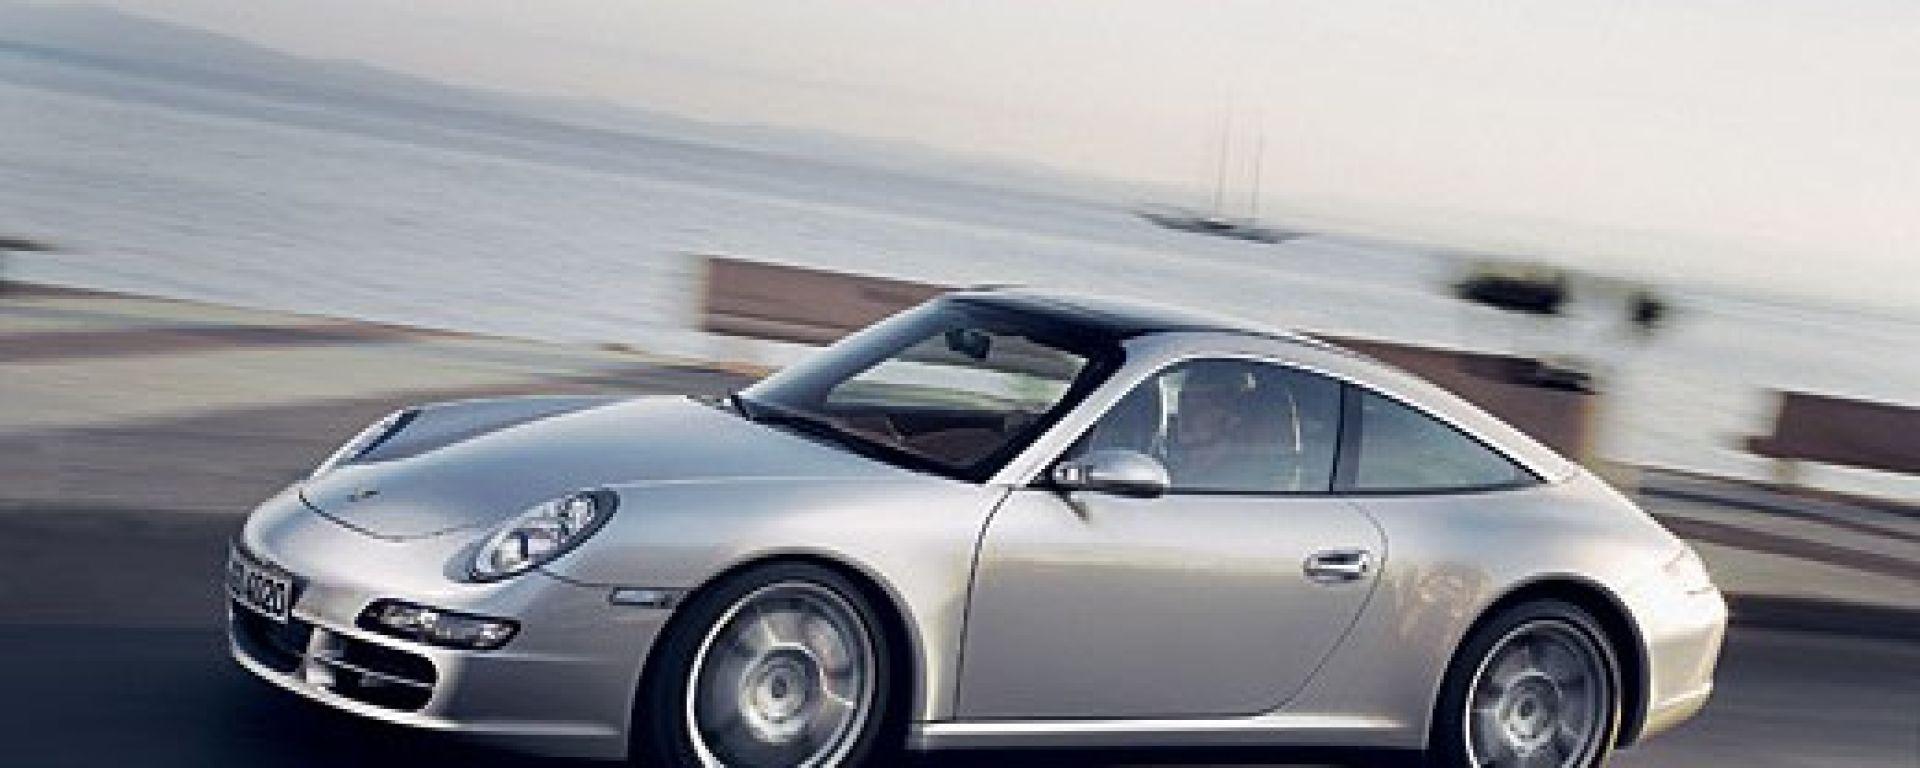 Prova Porsche 911 Targa 4 E 4s Motorbox